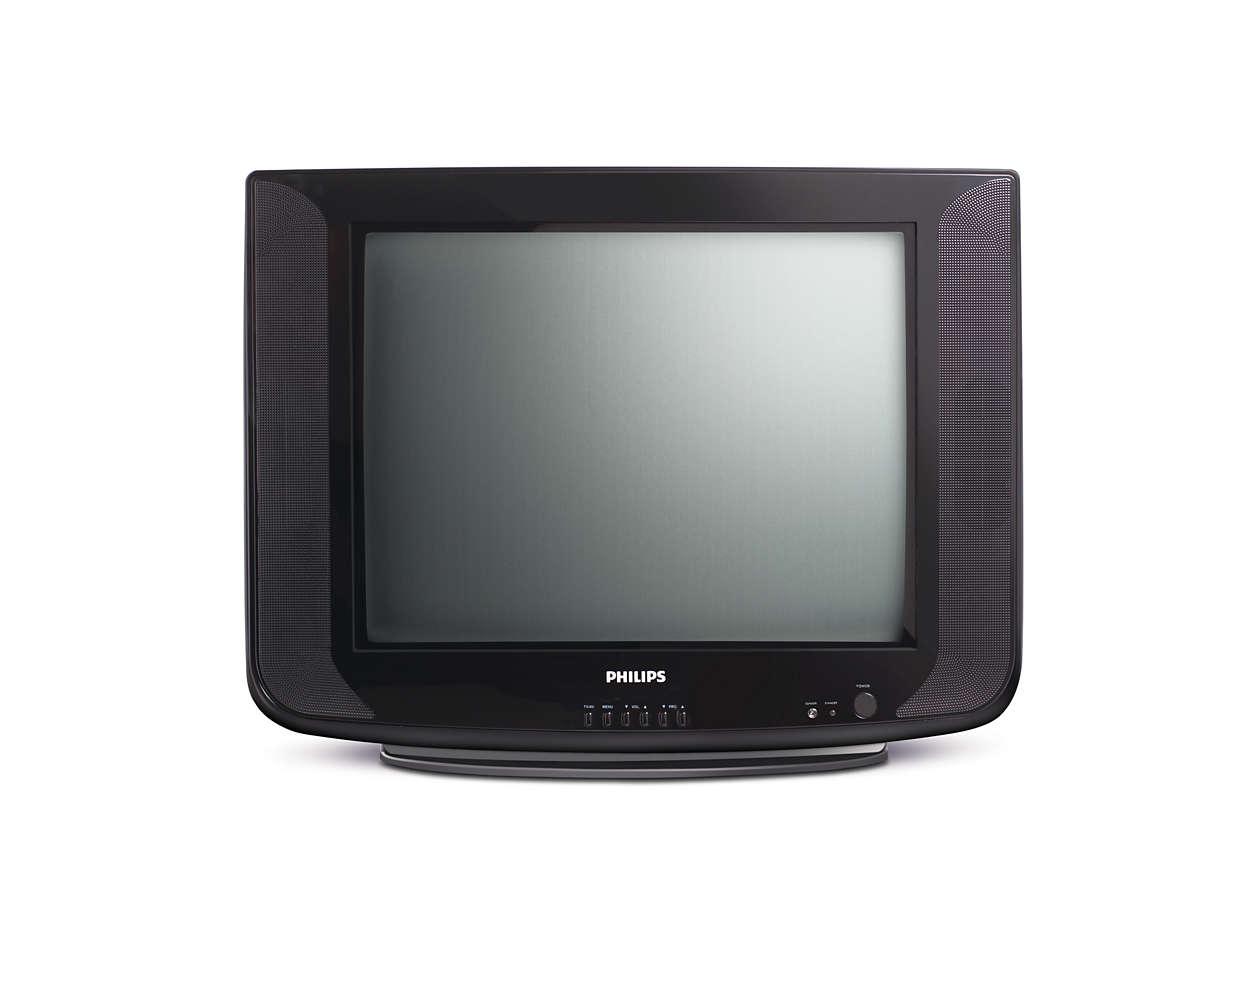 crt tv 21pt3527 v7 philips. Black Bedroom Furniture Sets. Home Design Ideas